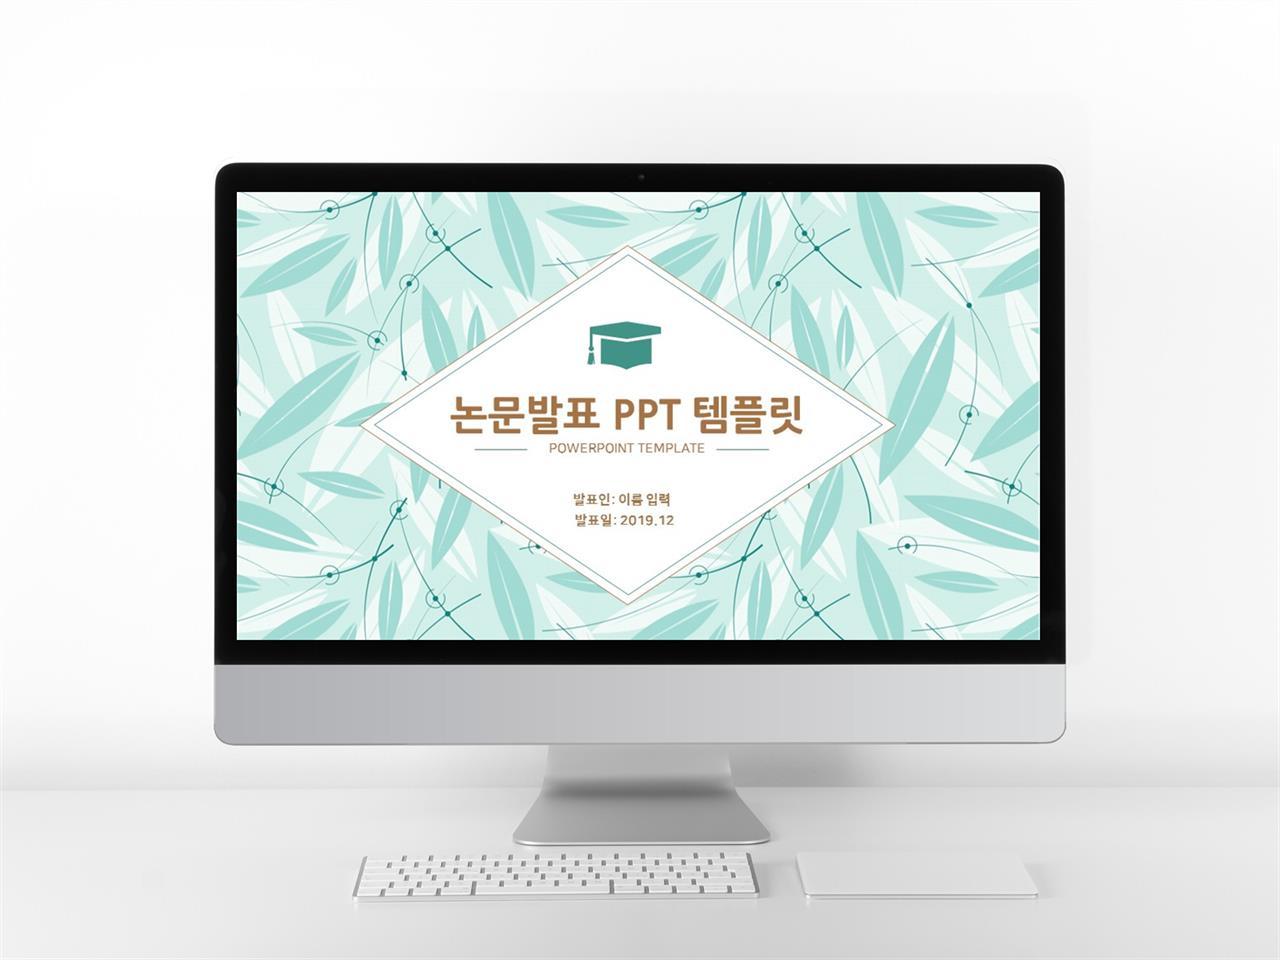 논문심사 청색 수채화 프로급 PPT샘플 사이트 미리보기